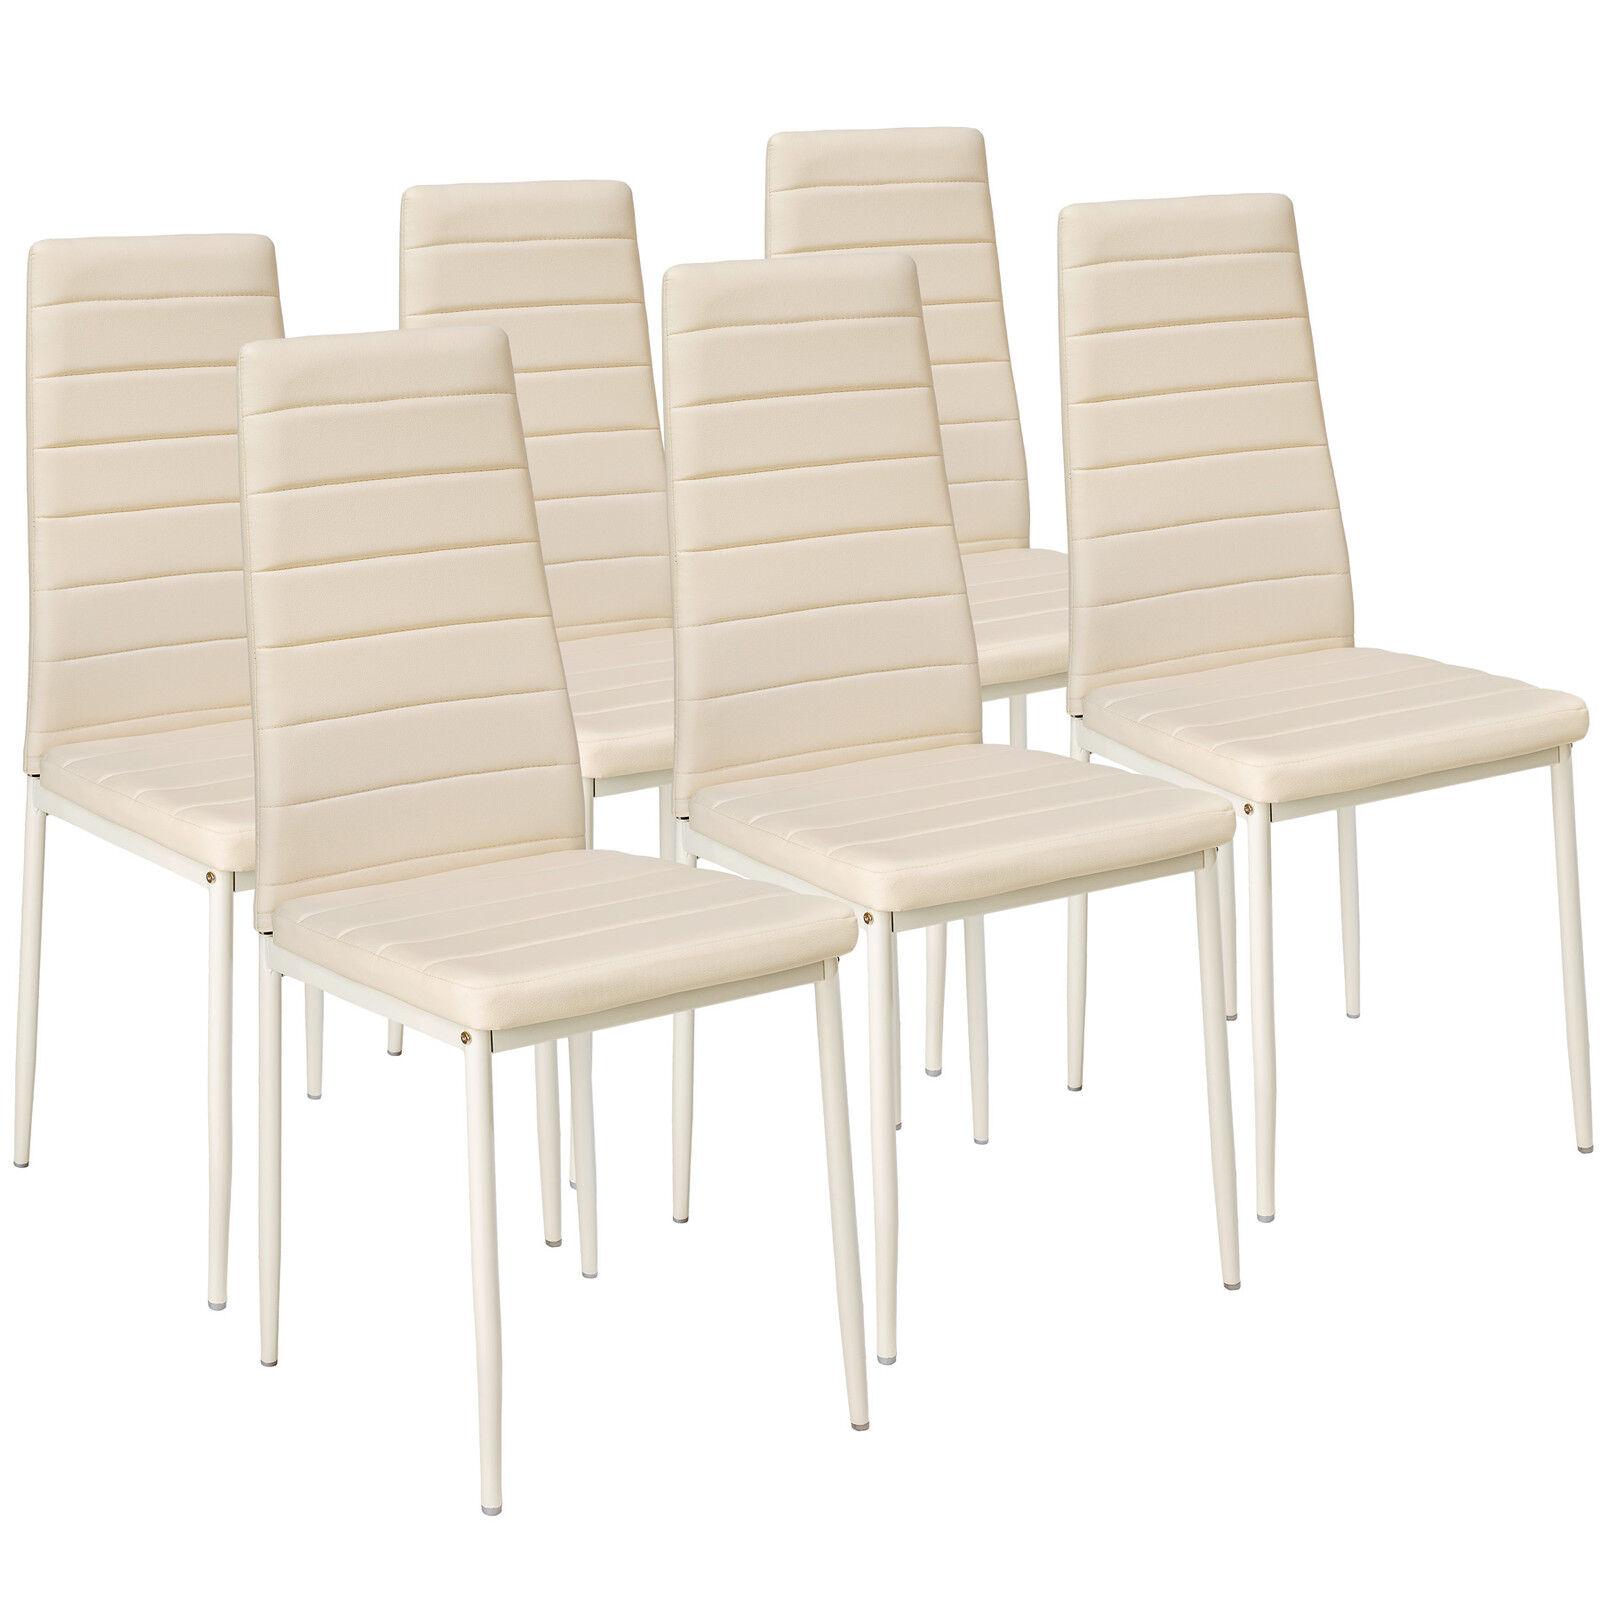 6x Sillas de comedor Juego elegantes sillas de diseño modernas cocina beige